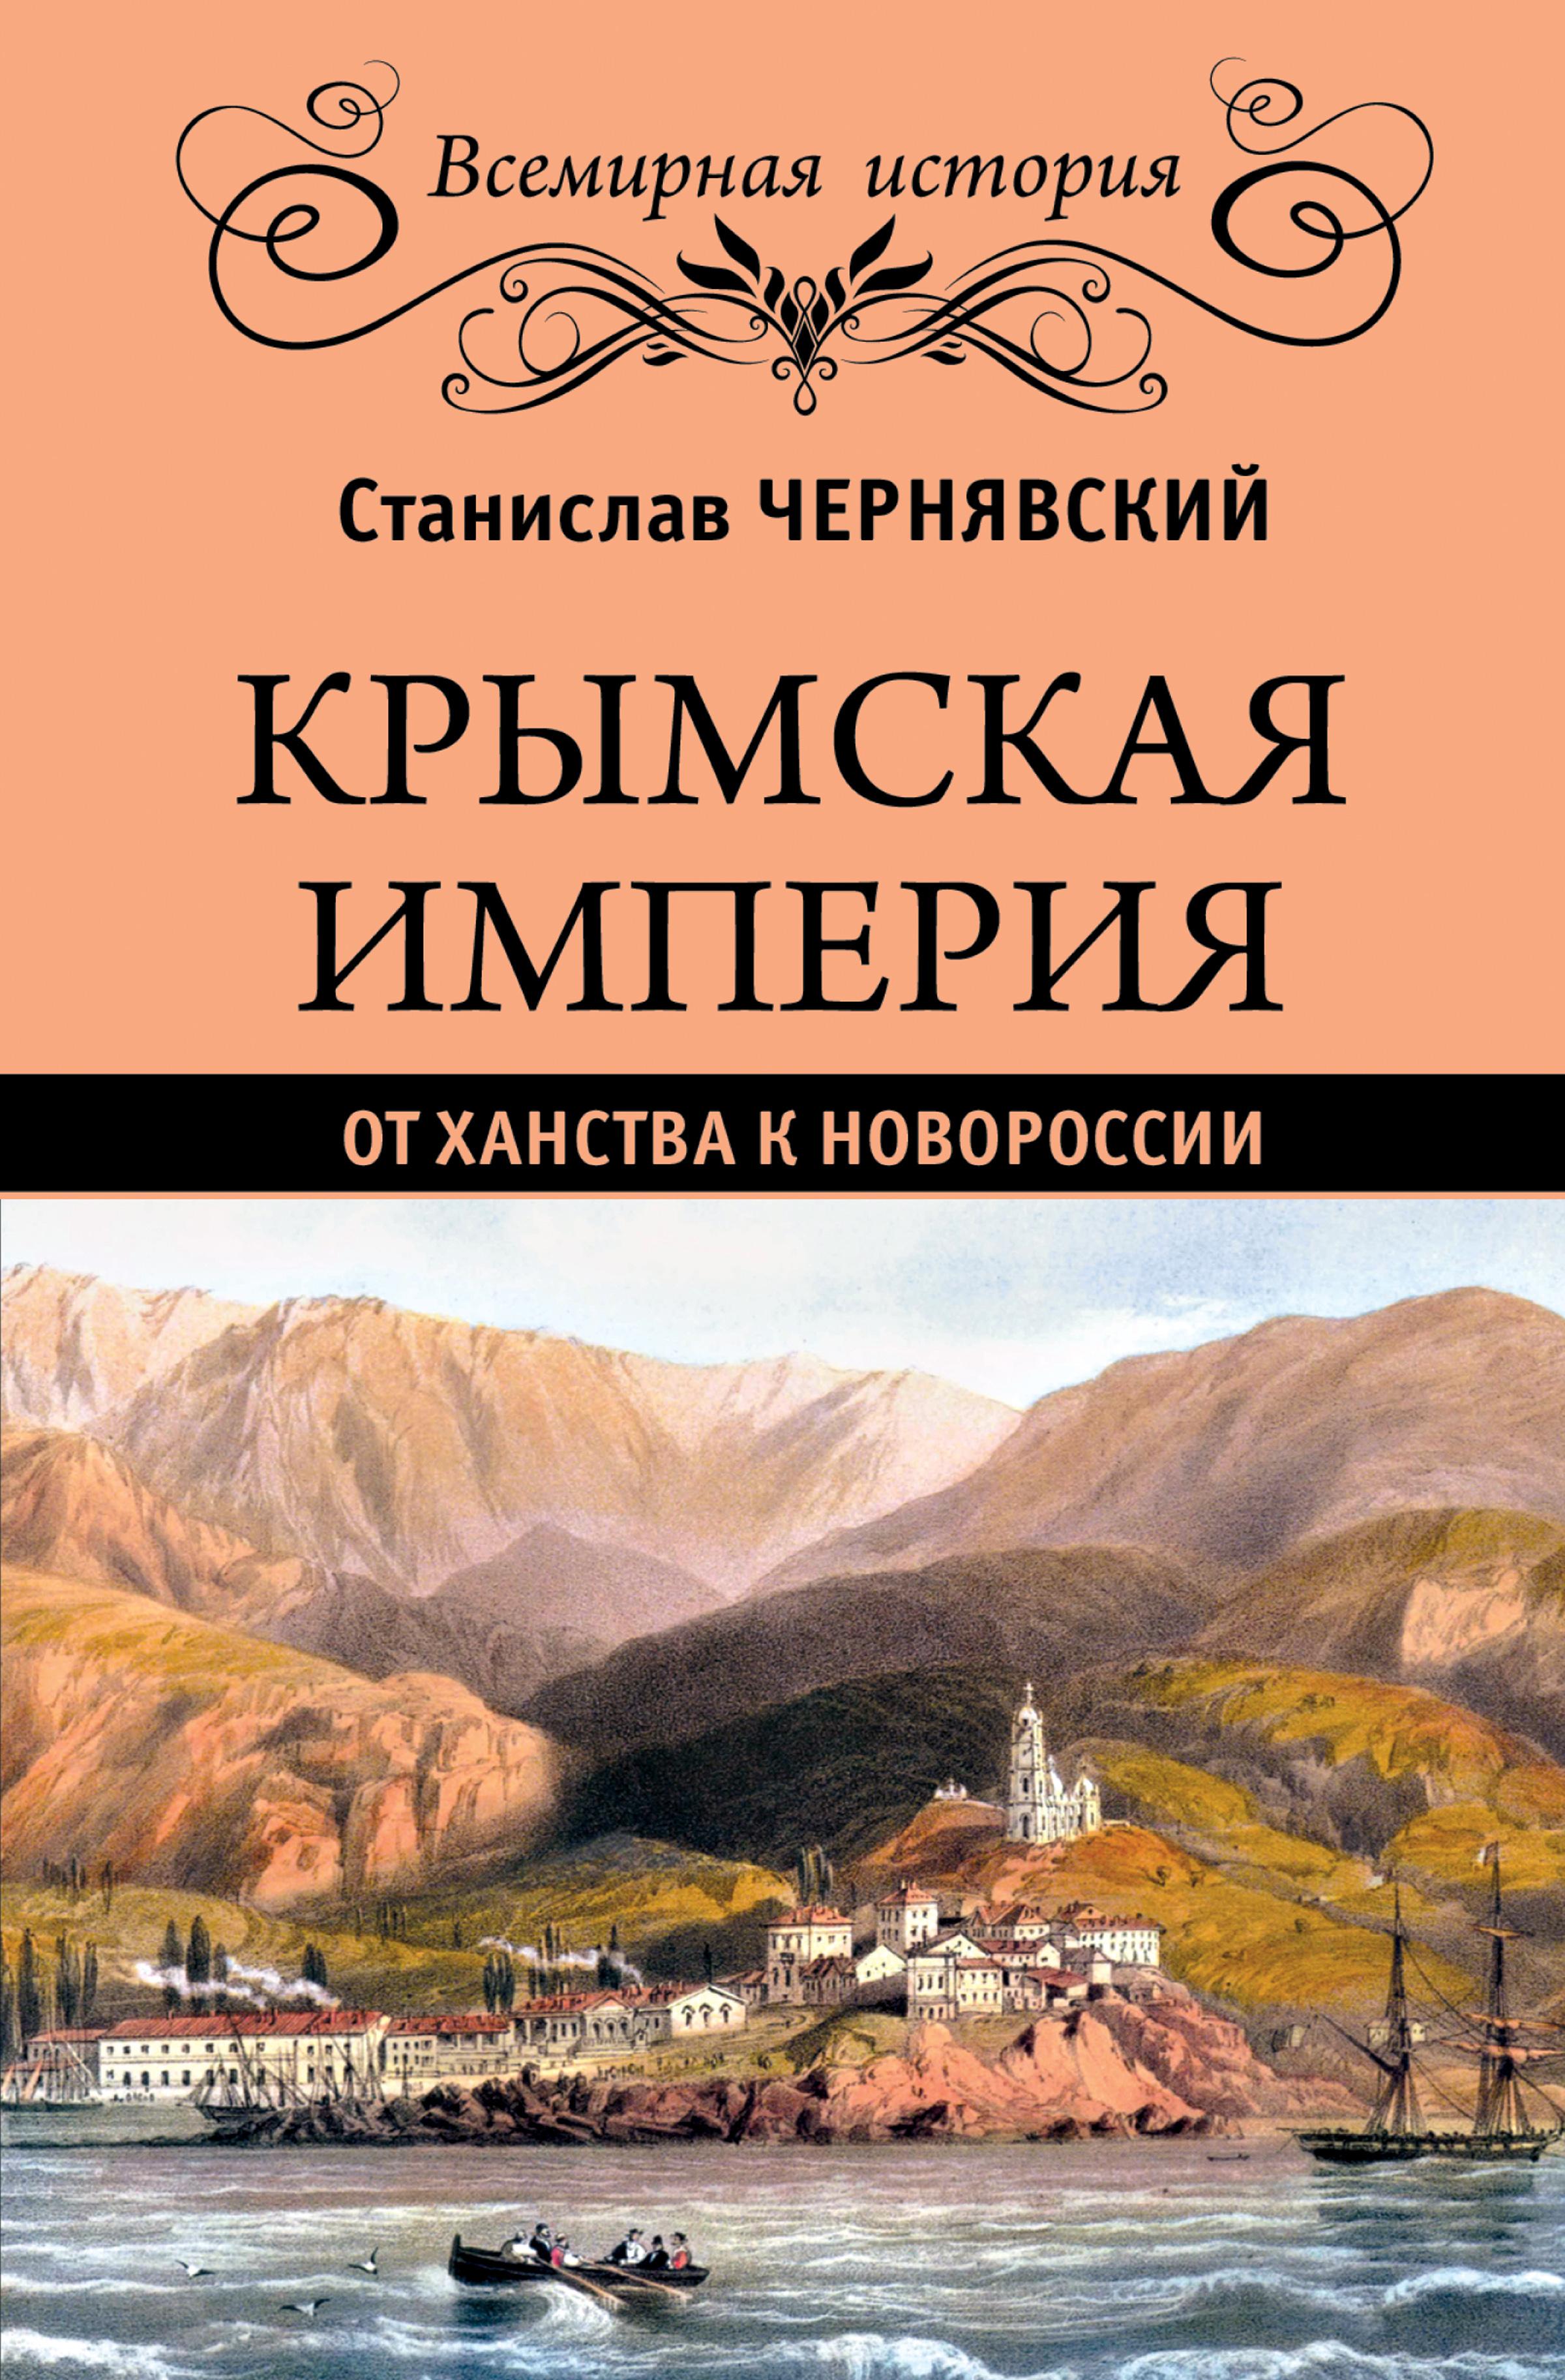 Станислав Чернявский Крымская империя. От ханства к Новороссии